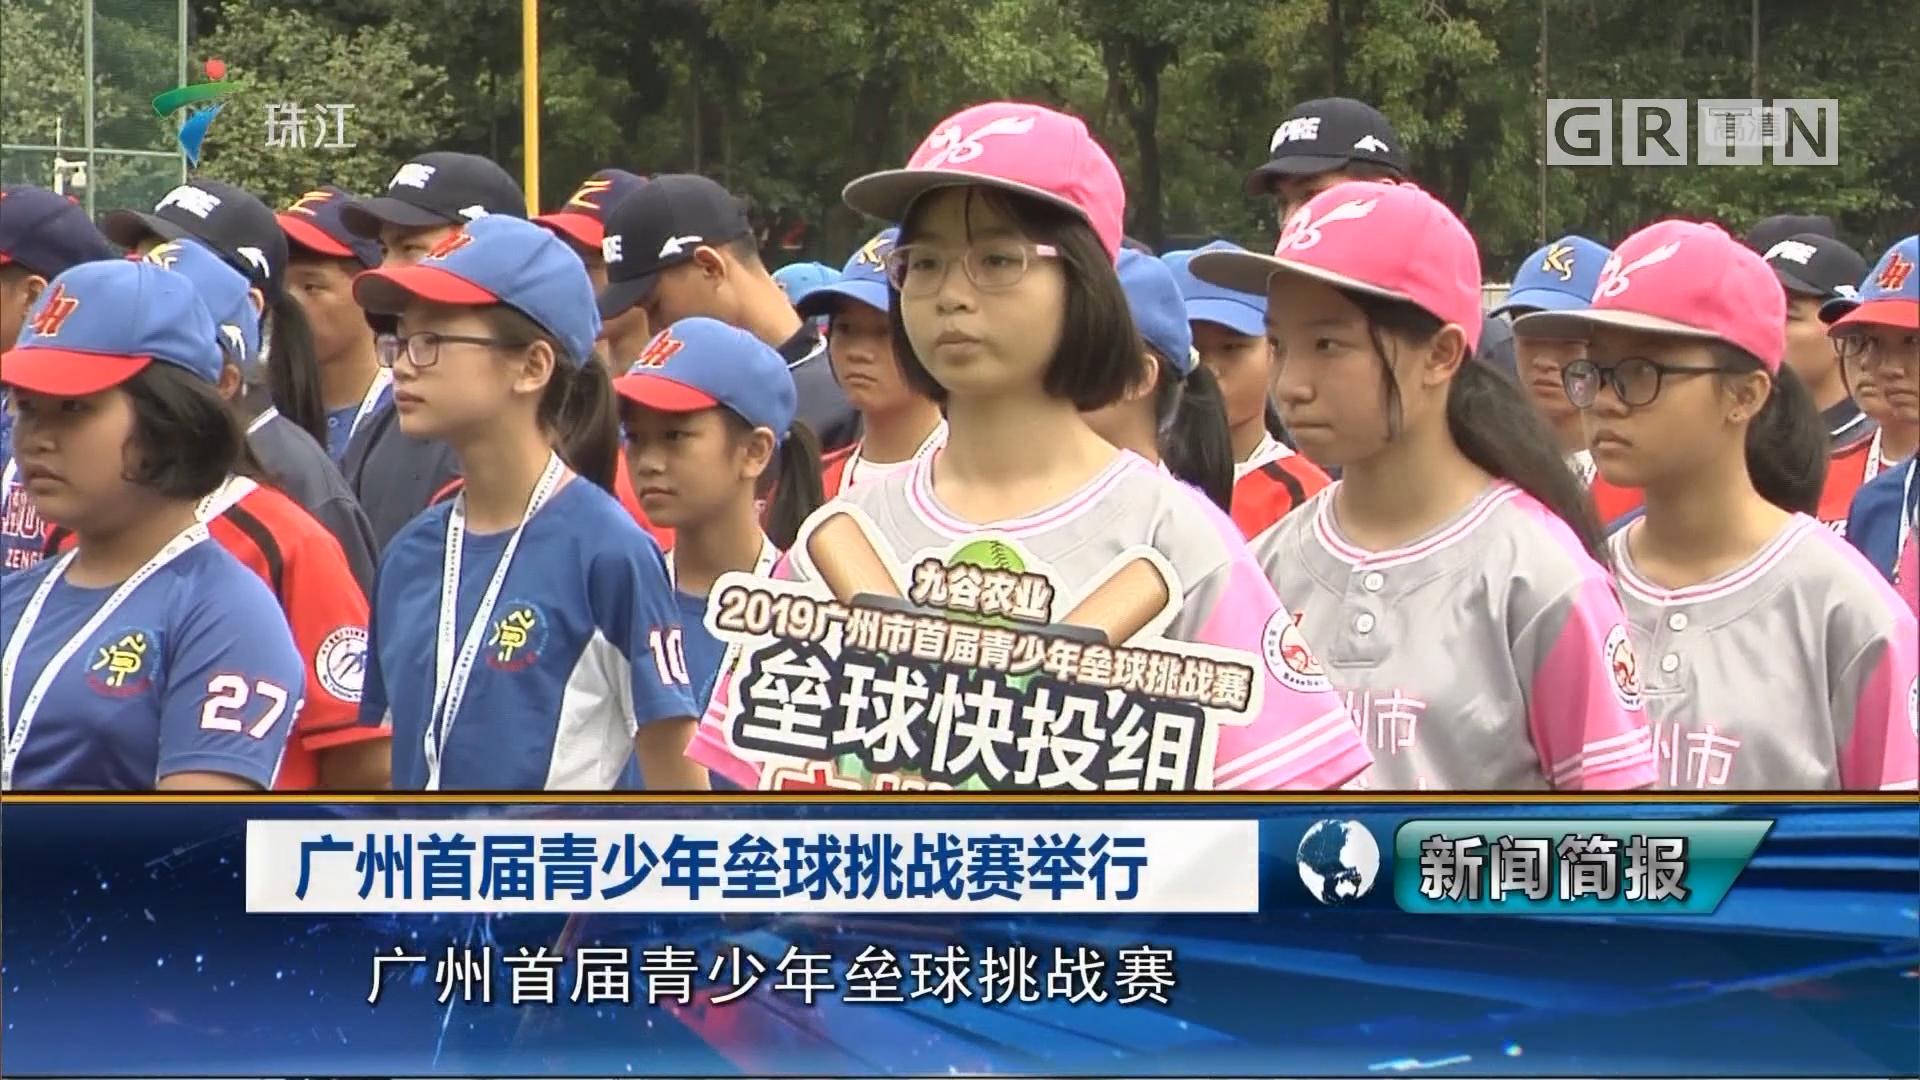 广州首届青少年垒球挑战赛举行